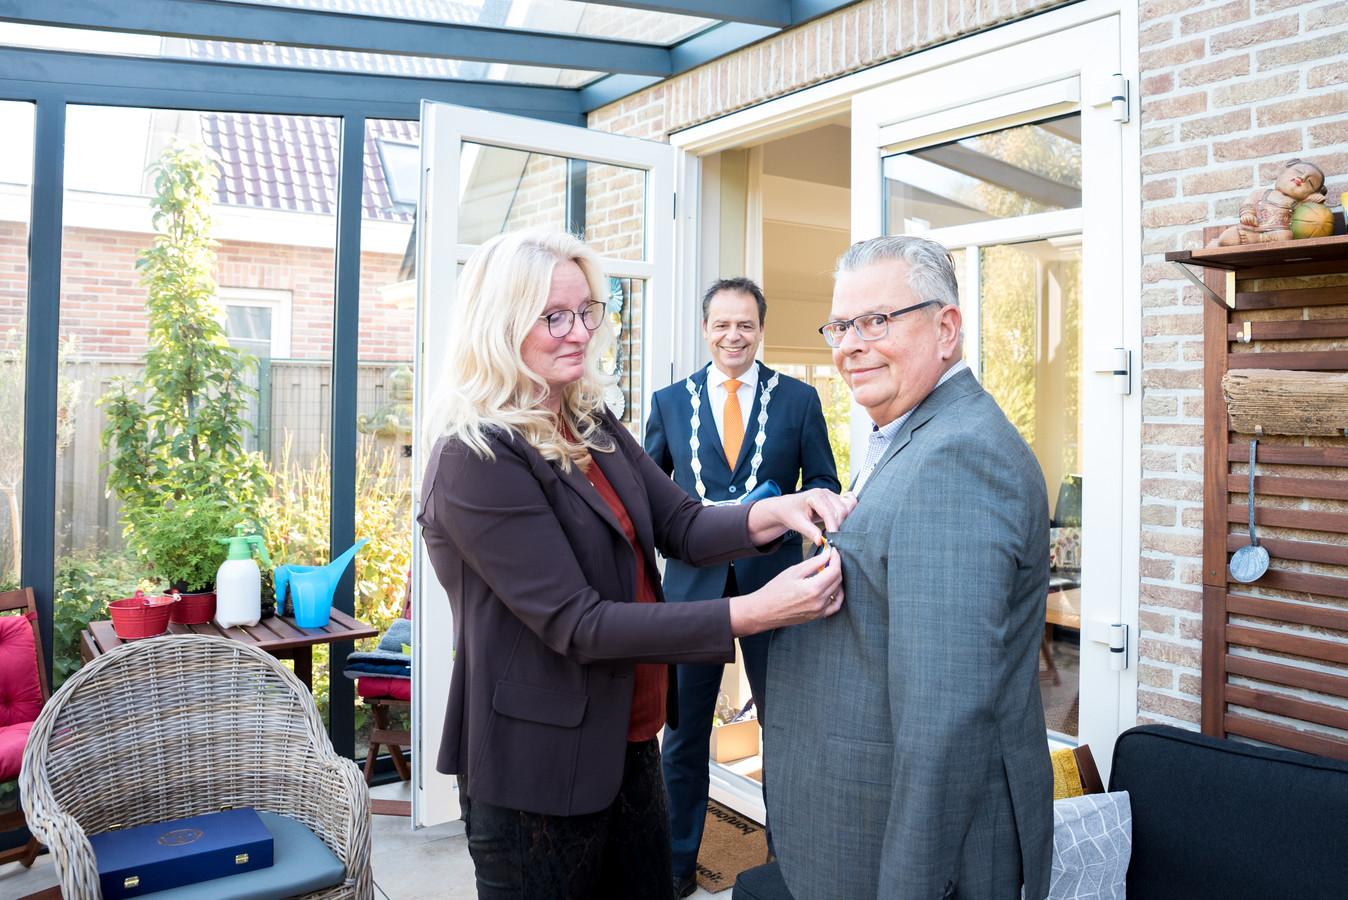 Ferry van Dorst krijgt van partner Leonieke Goutier het lintje opgespeld dat hoort bij zijn koninklijke onderscheiding als Ridder in de Orde van Oranje-Nassau. Burgemeester Jack van der Hoek kijkt op de achtergrond toe.